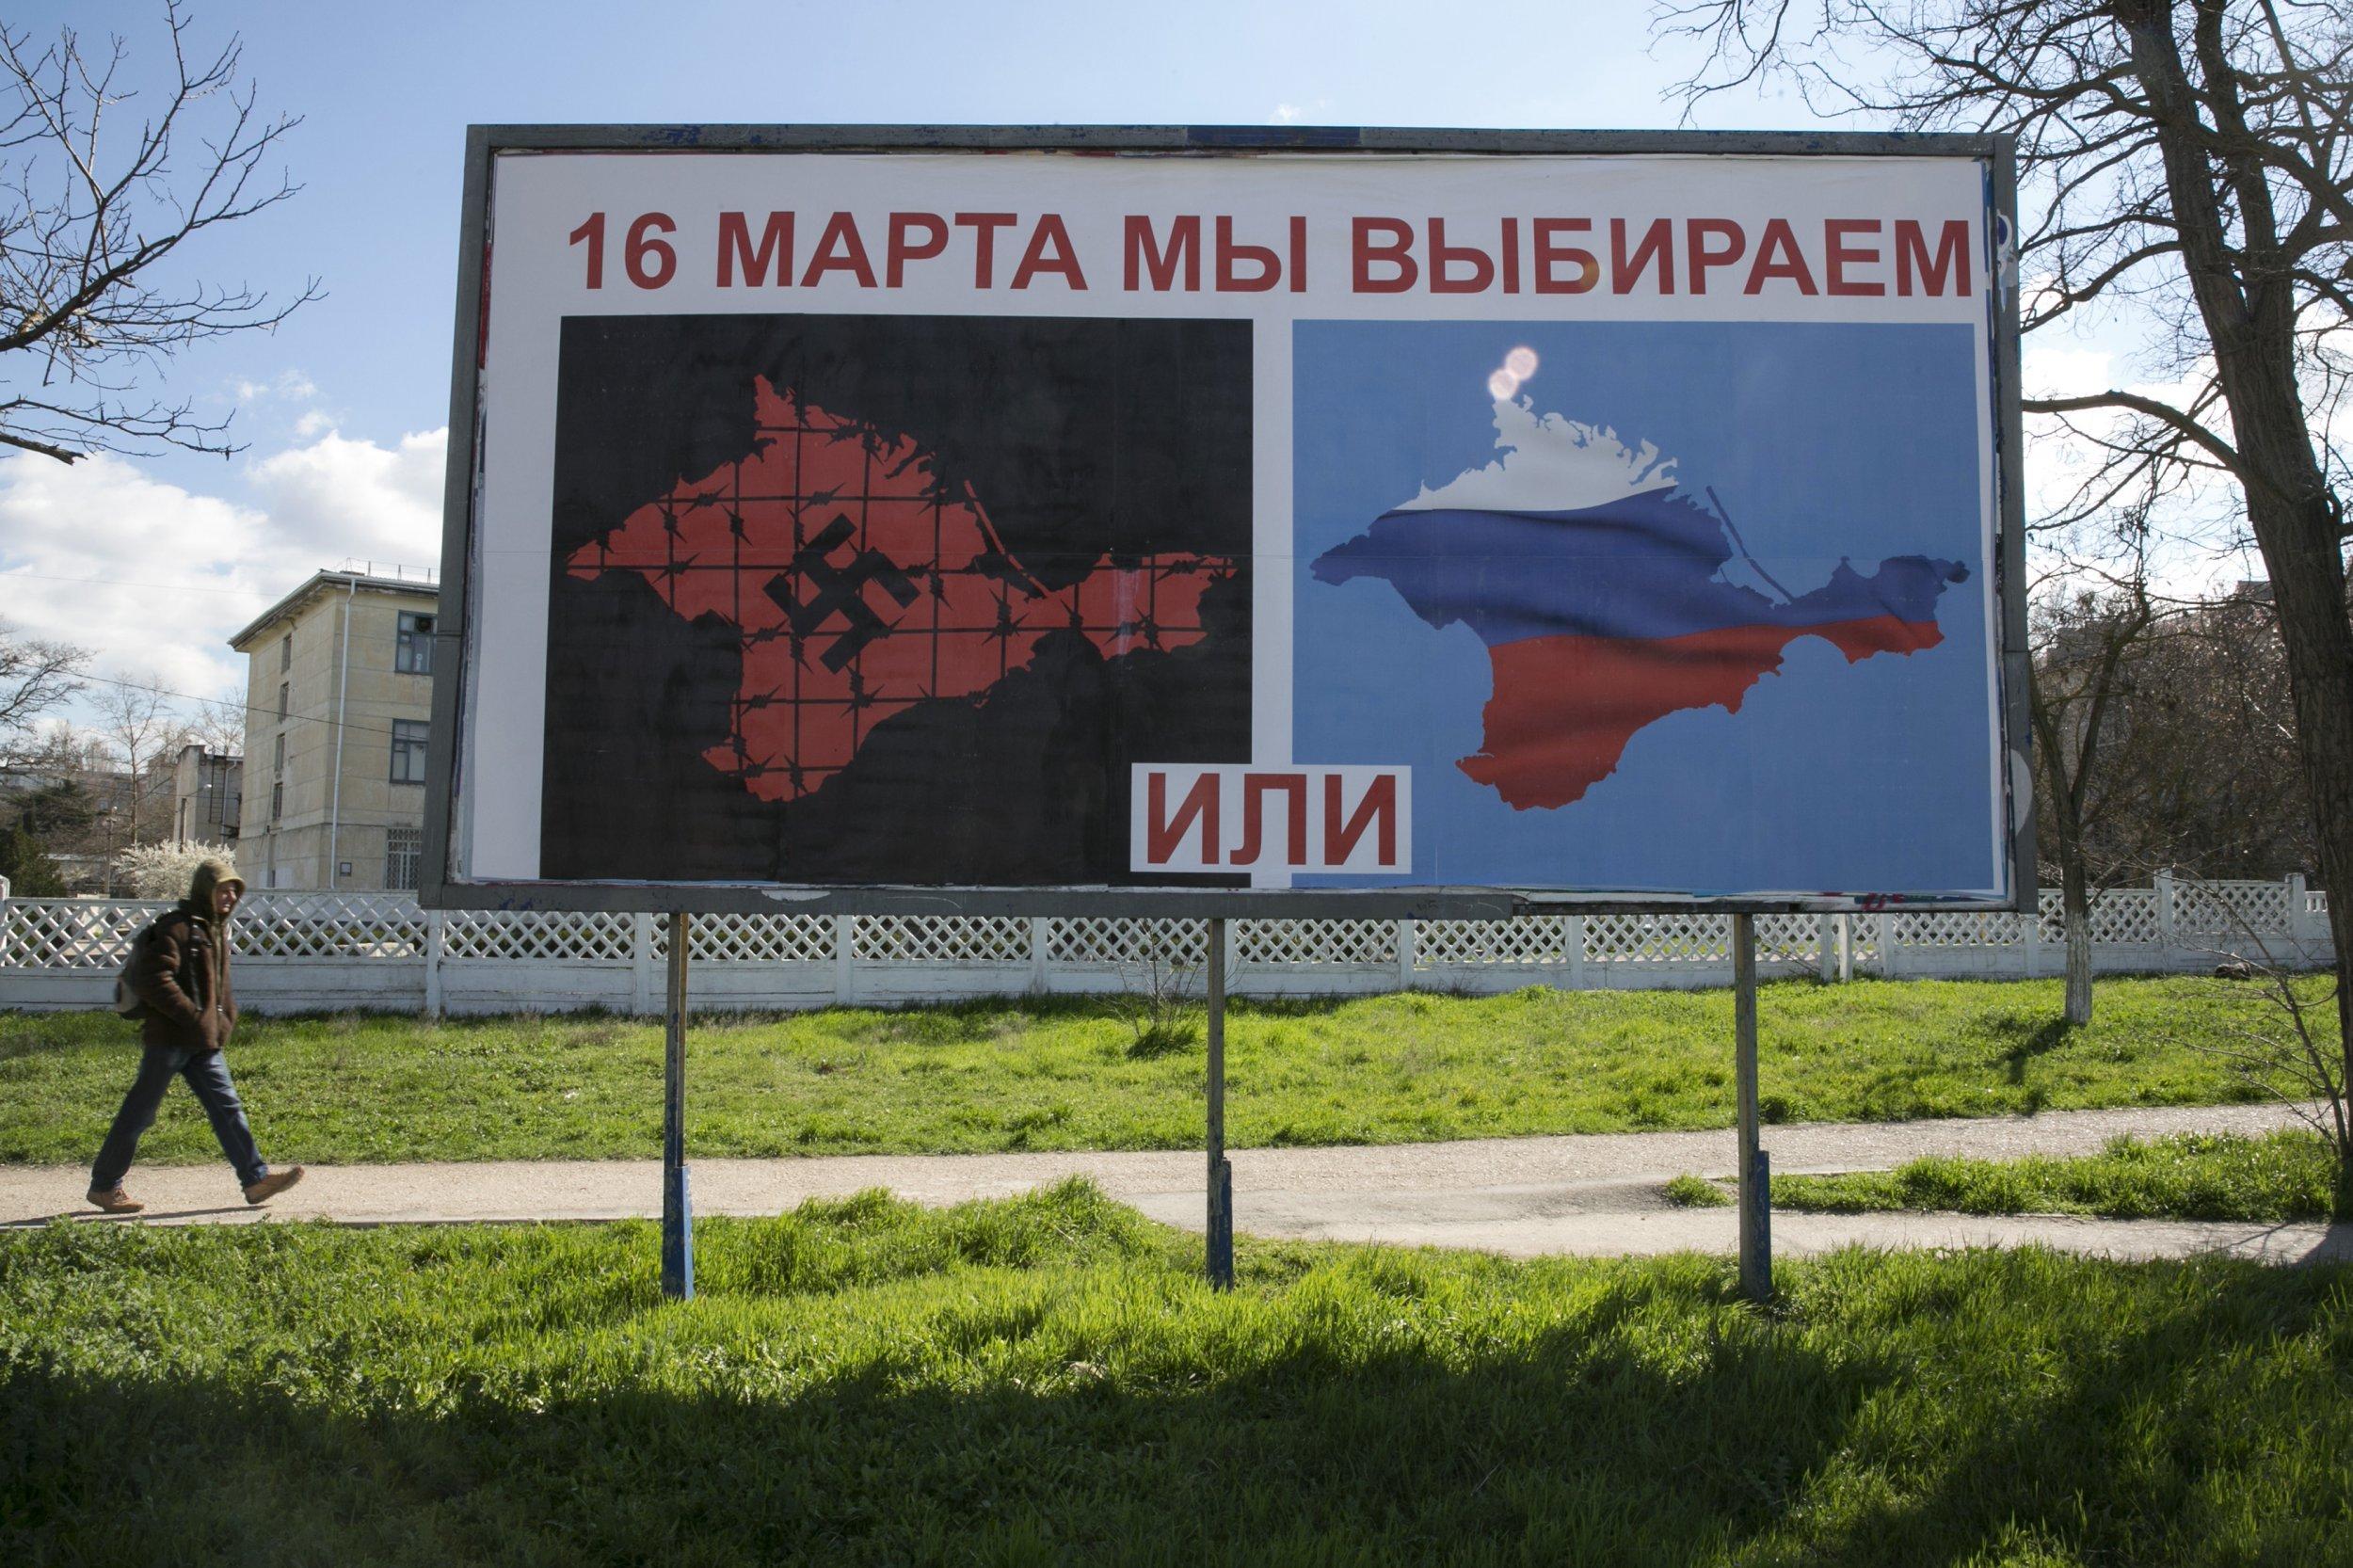 Семь лет референдуму о воссоединении Крыма и Севастополя с Россией